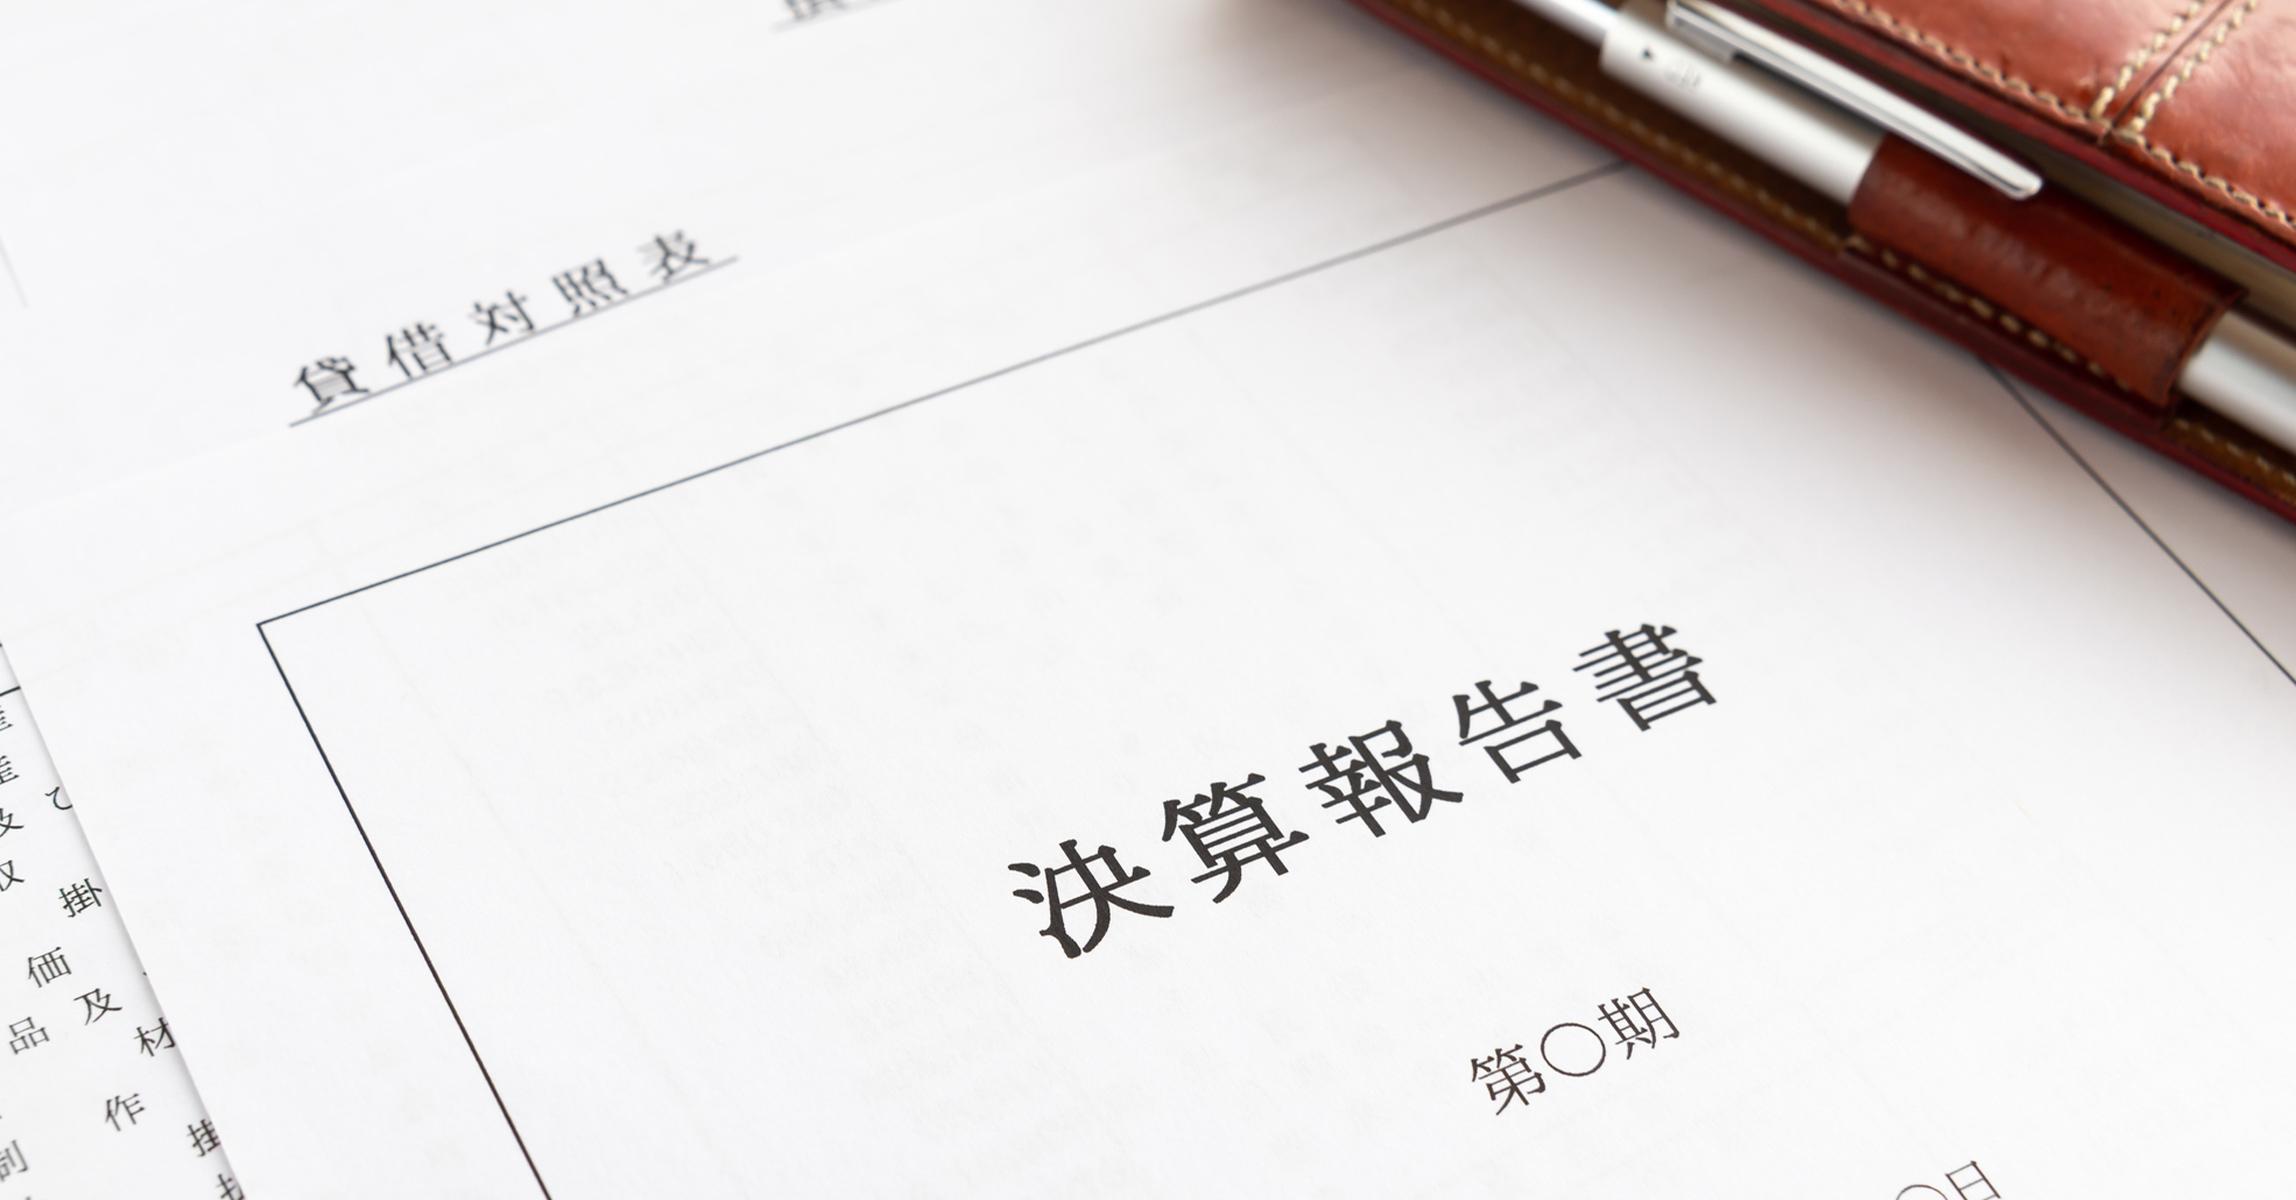 決算変更届の作成・提出代行:¥30,000~